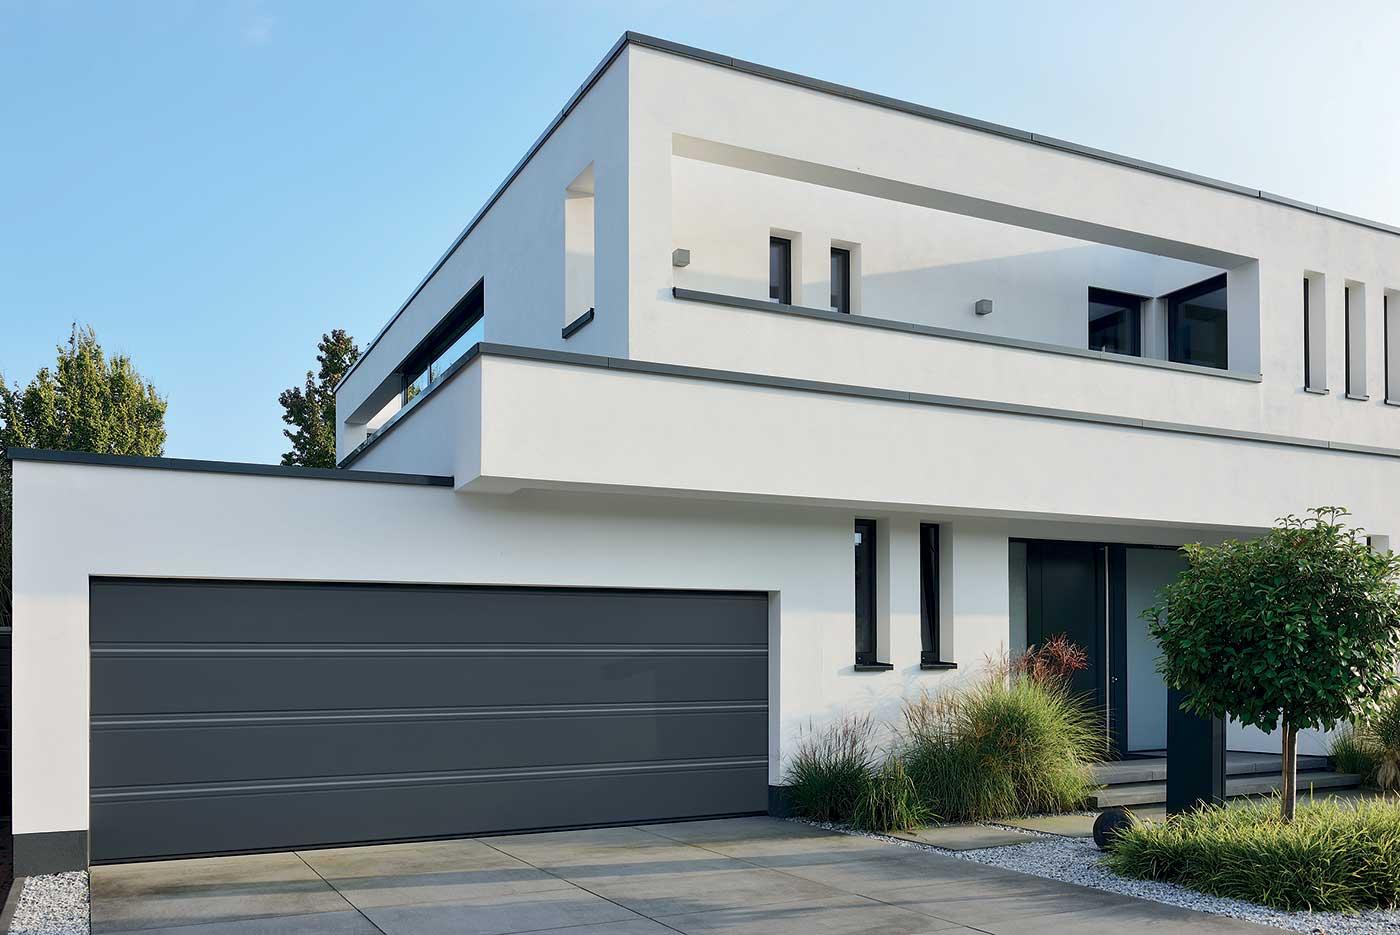 hormann grey sectional garage door